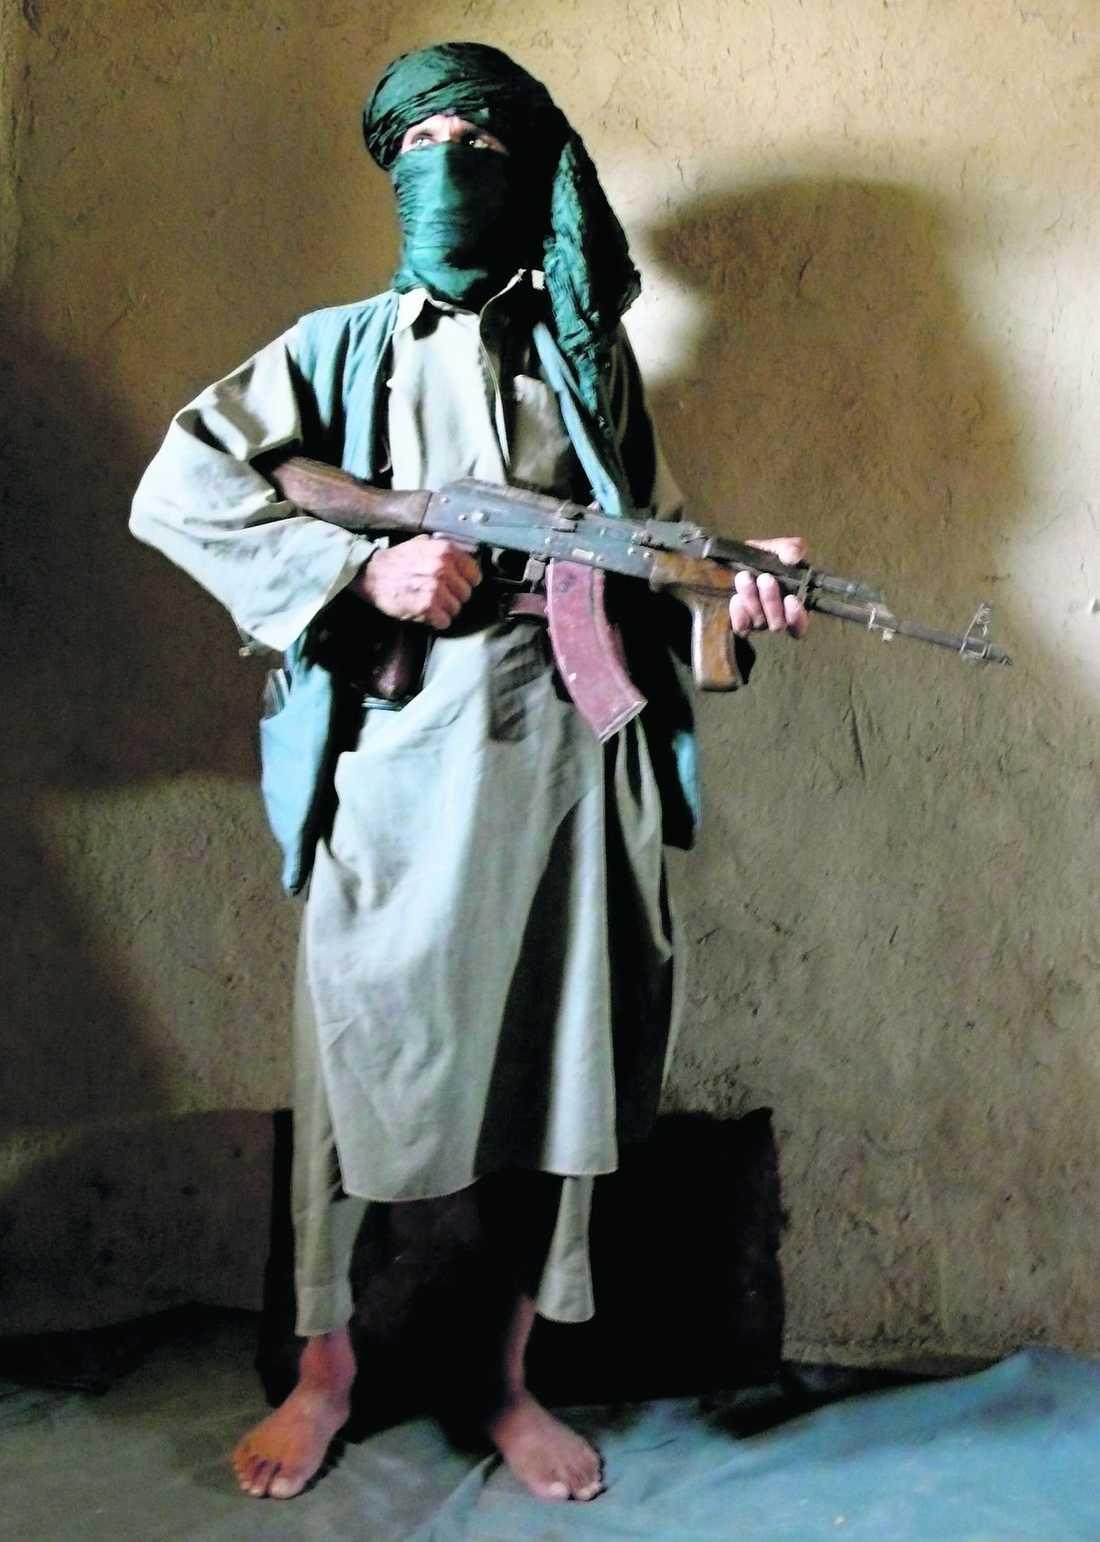 Hatar svenskar Talibanledaren Zamir Gul styr området där Johan Palmlöv och Gunnar Andersson sköts ihjäl. För några månader sedan svor han att döda svenskar.